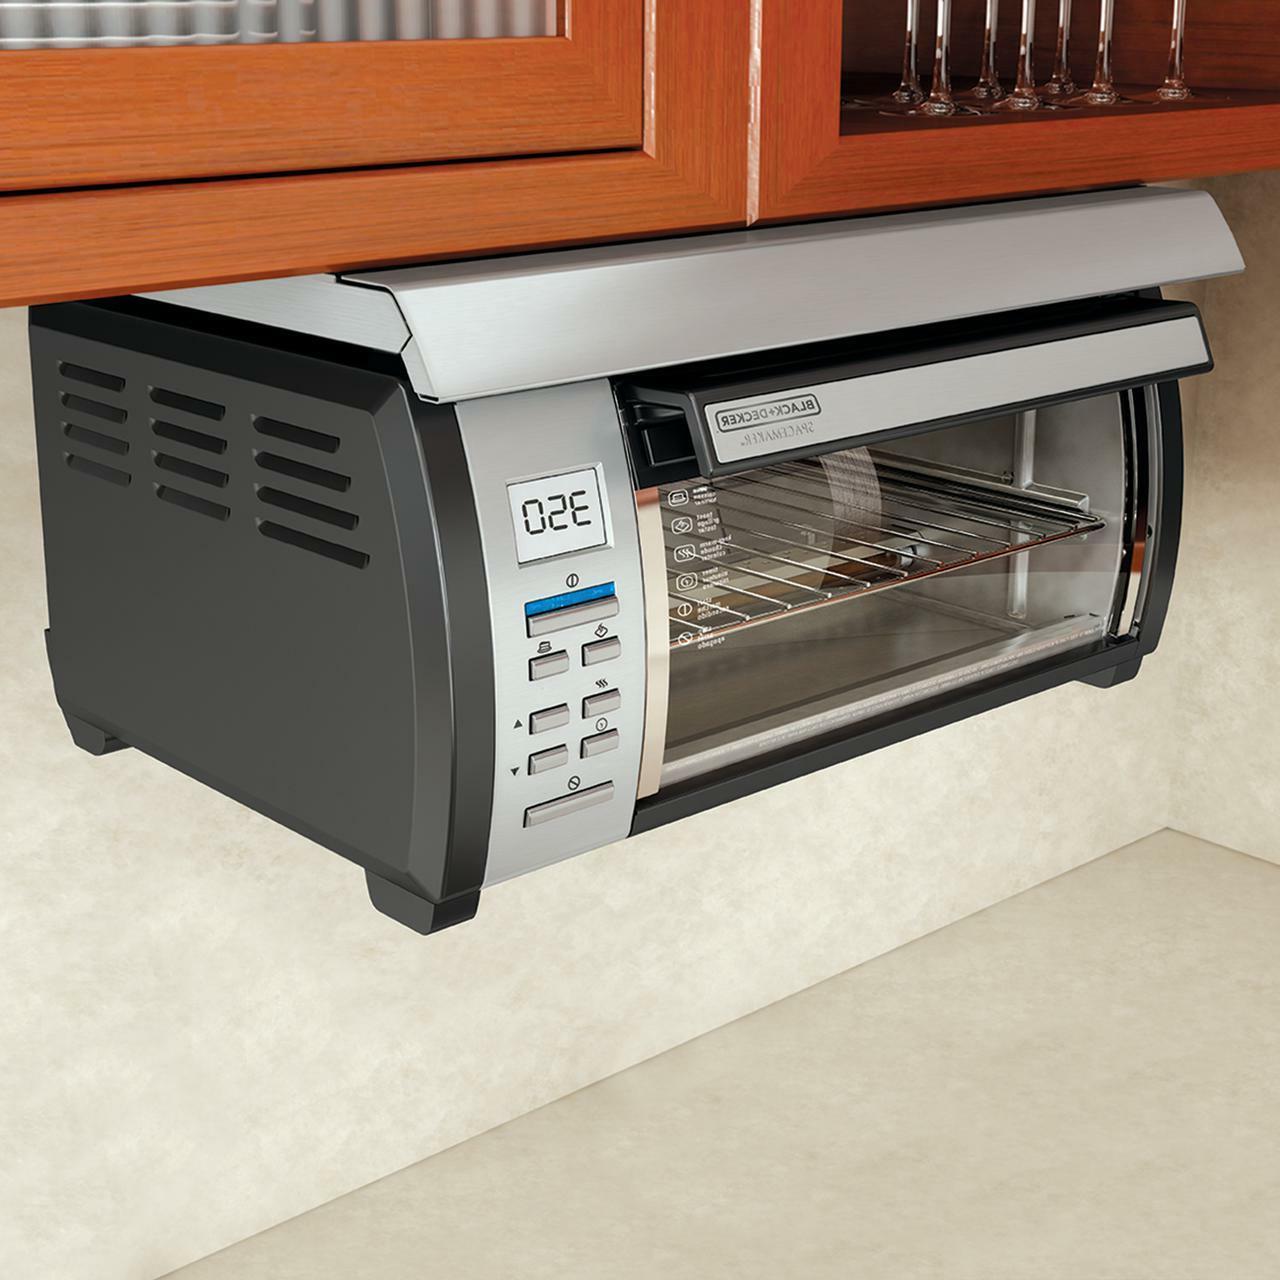 Space Maker Oven Digital Electric Large Kitchen Timer